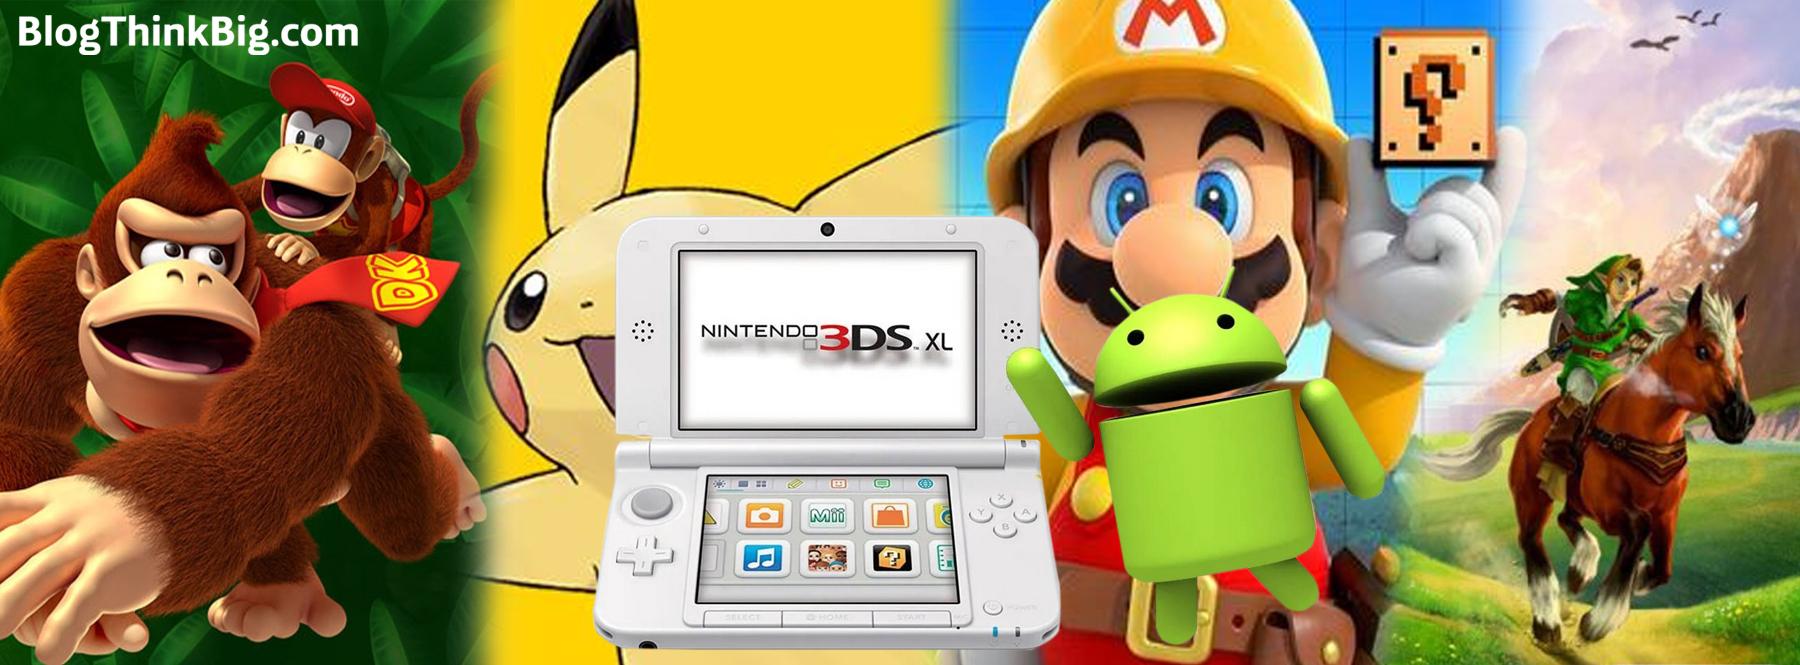 Llega a Android el emulador de la Nintendo 3DS